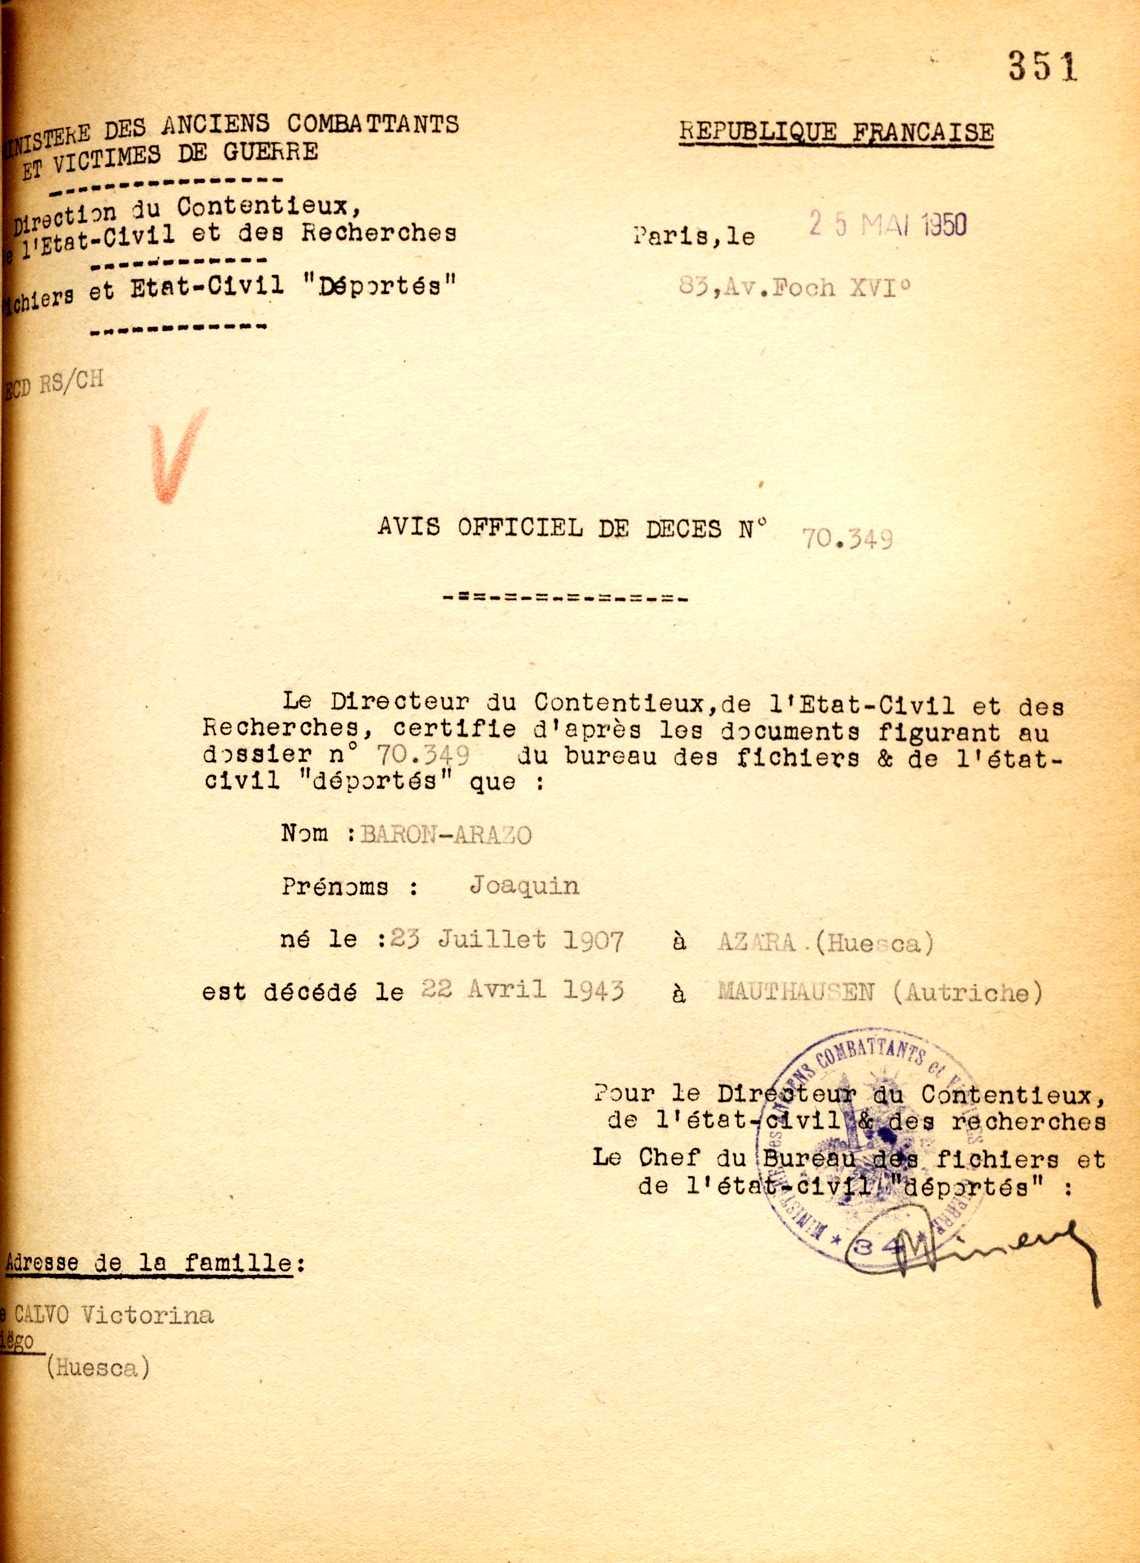 Certificat de defunció de Joaquín Barón Arazo